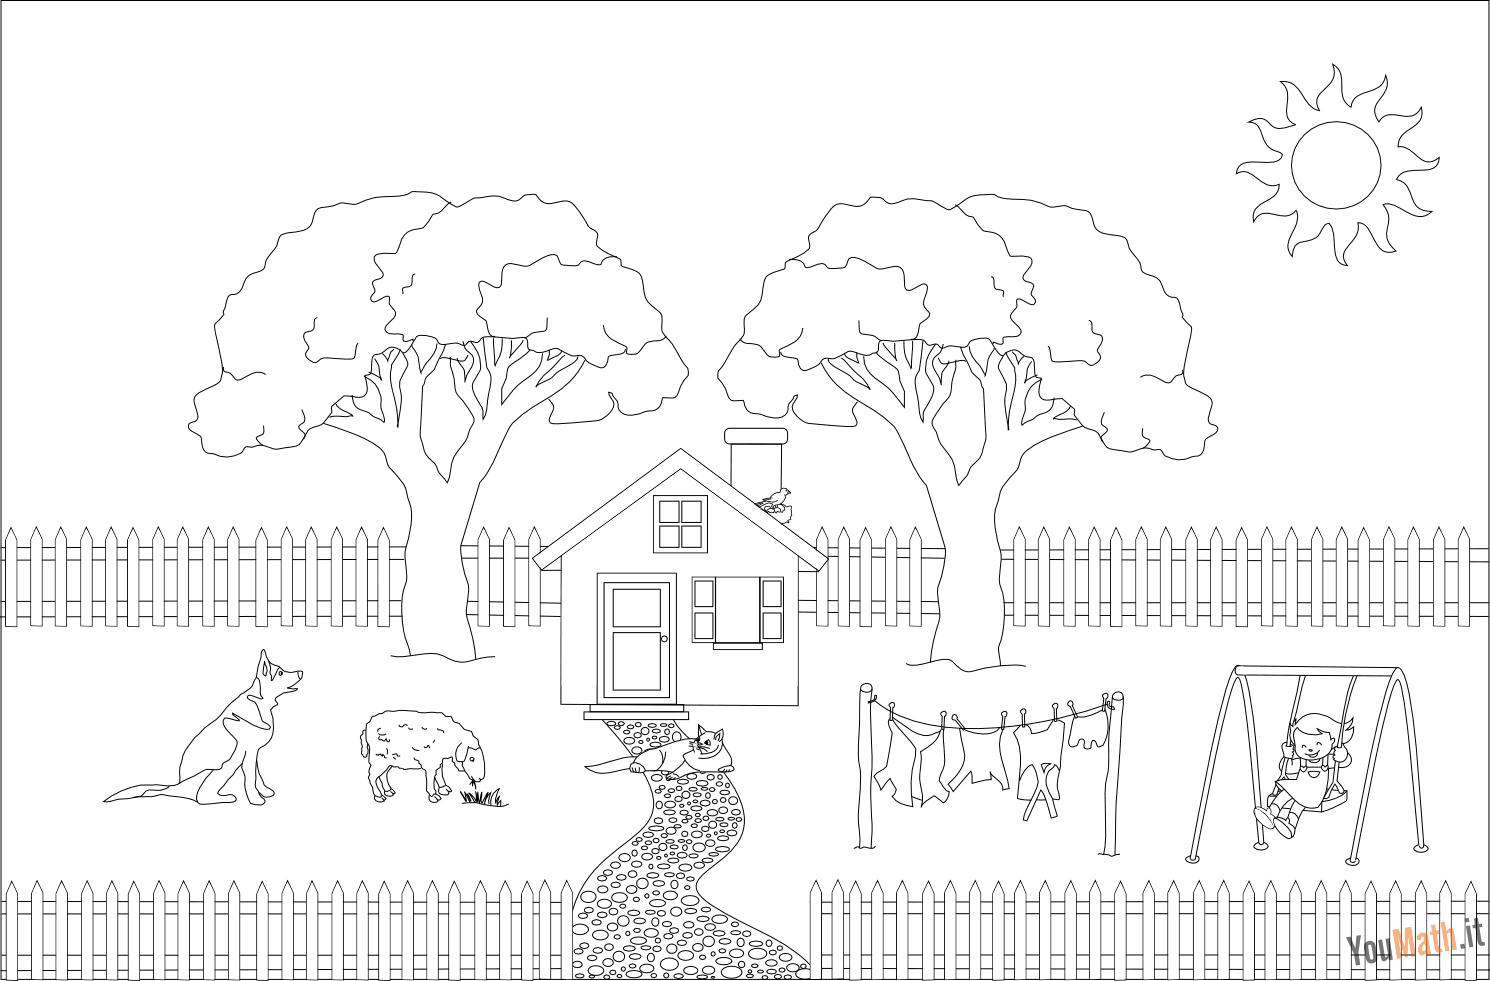 disegno Casa Giardino : ... , poi premi contemporaneamente CTRL e P per stampare il disegno